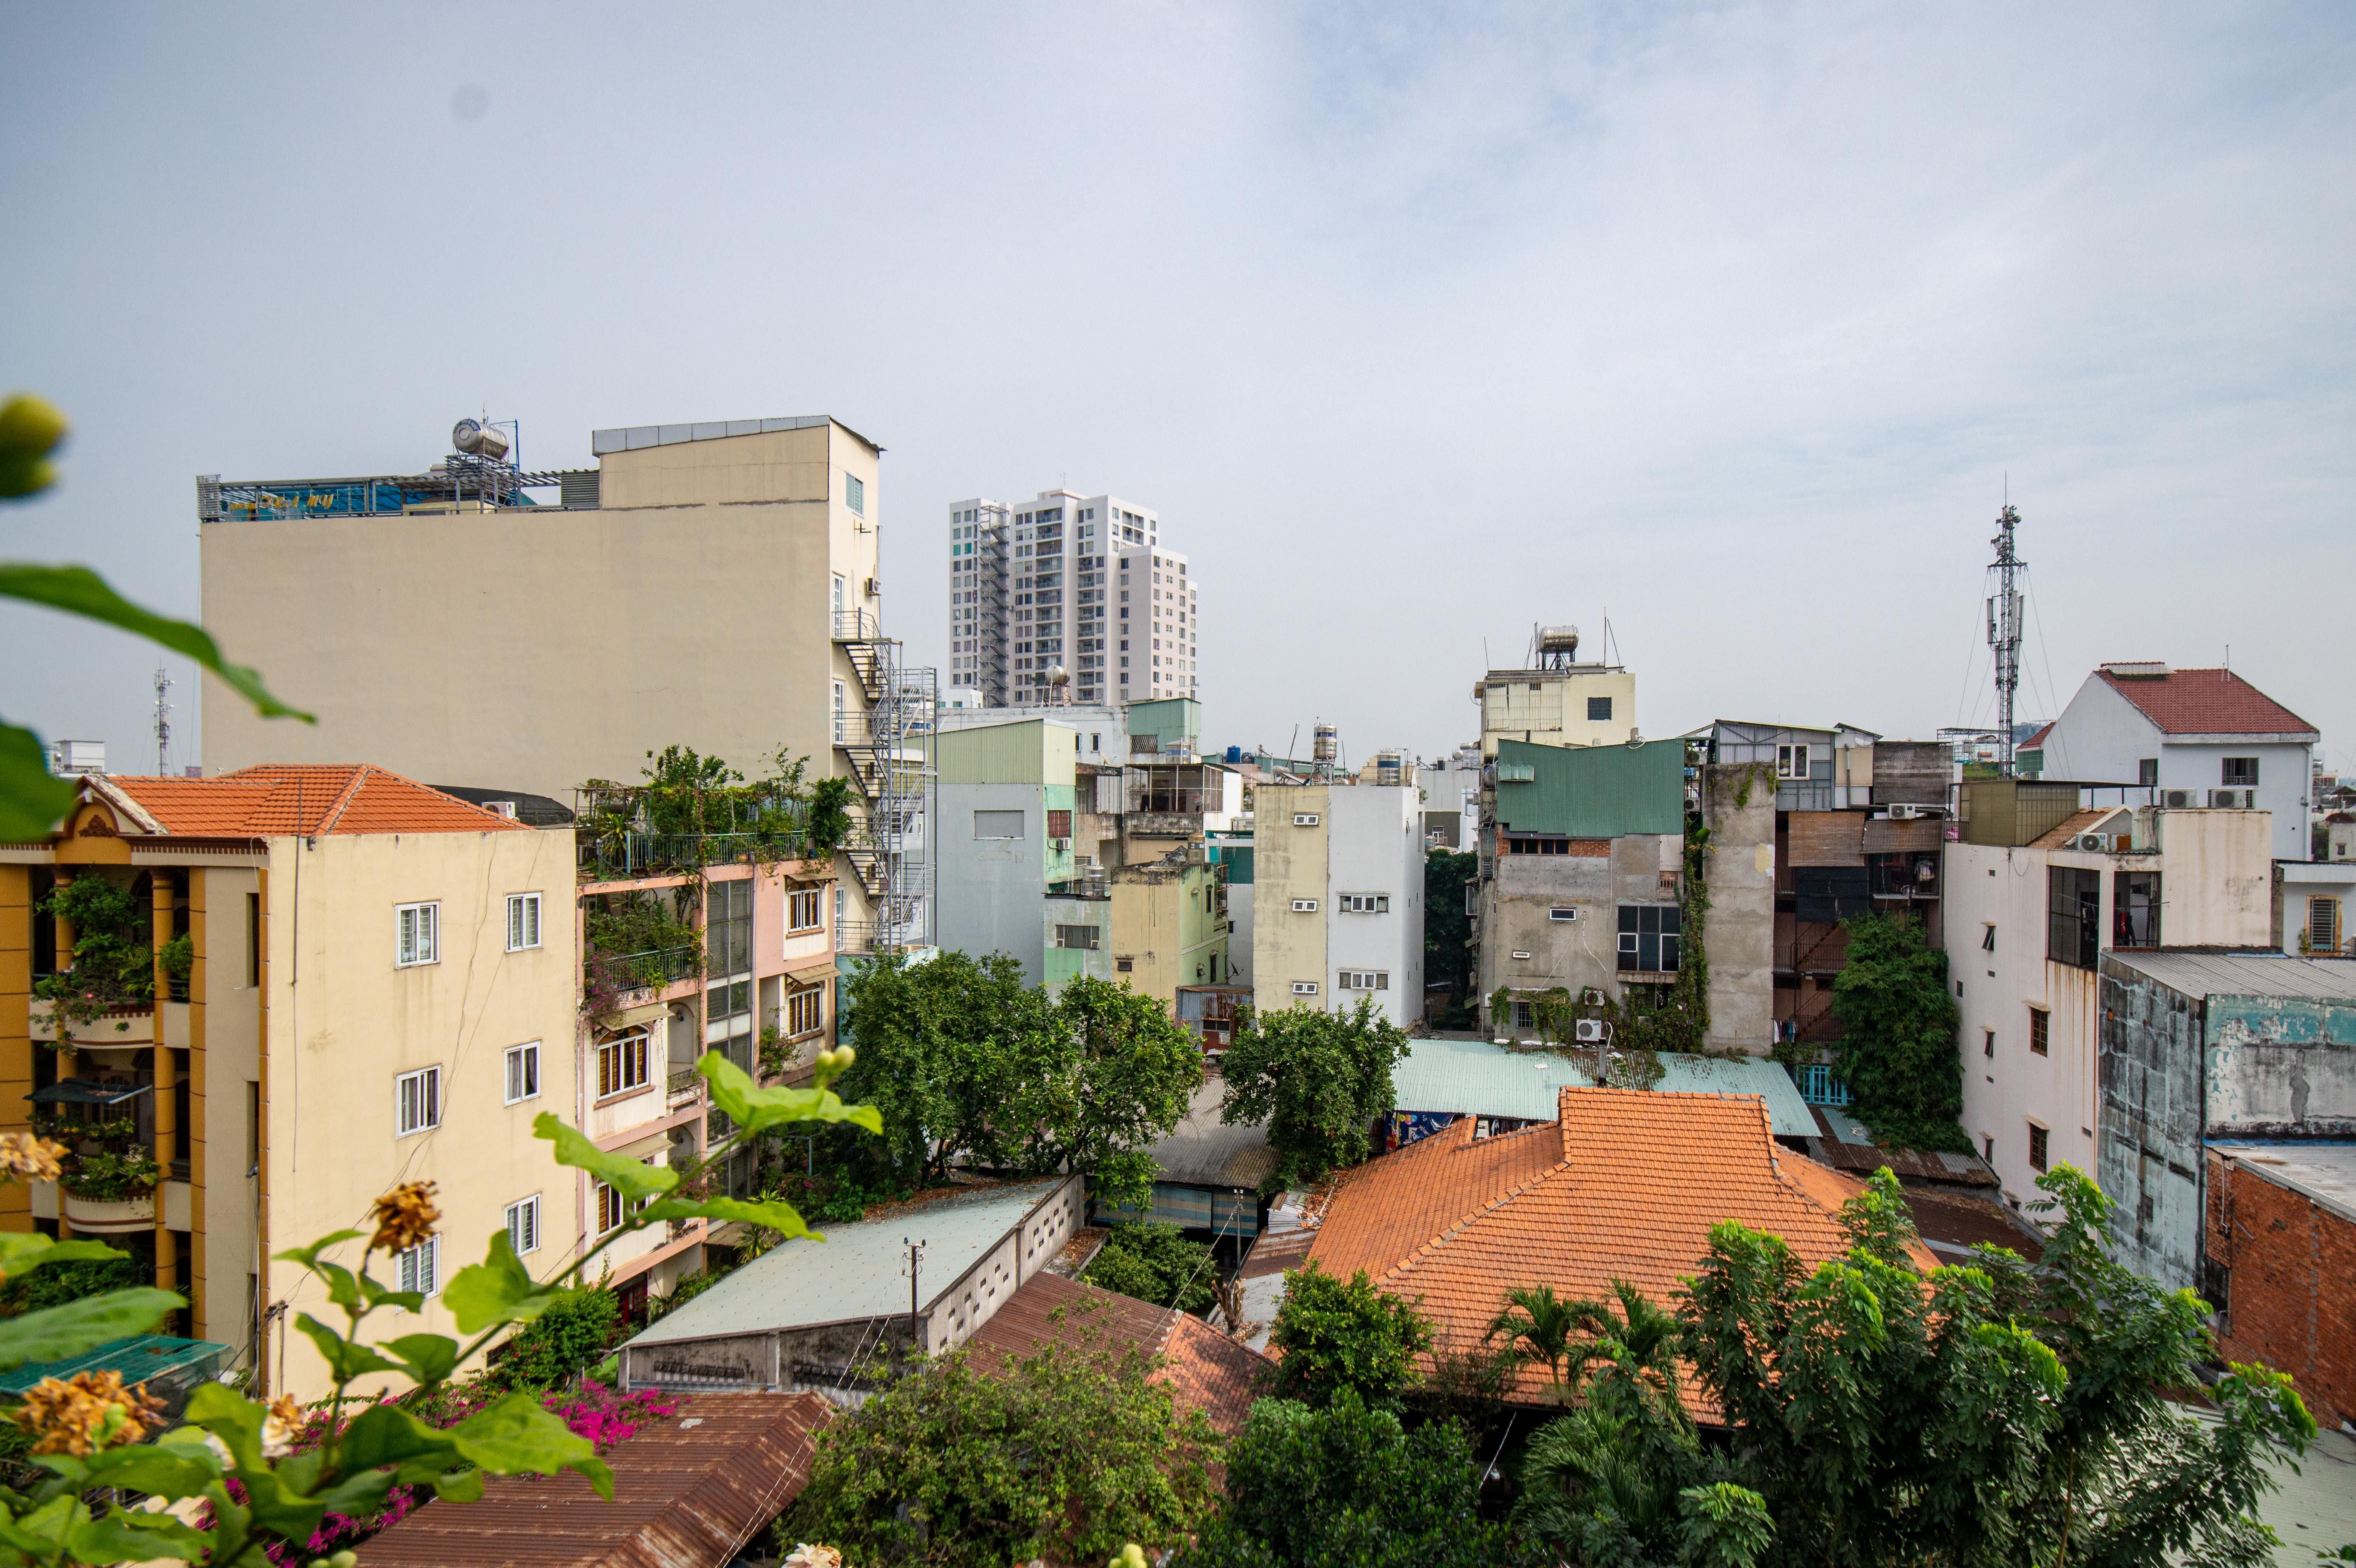 Cho Thuê Căn Hộ Dịch Vụ Huỳnh Tịnh Của 1 PN - Có Bồn Tắm -8